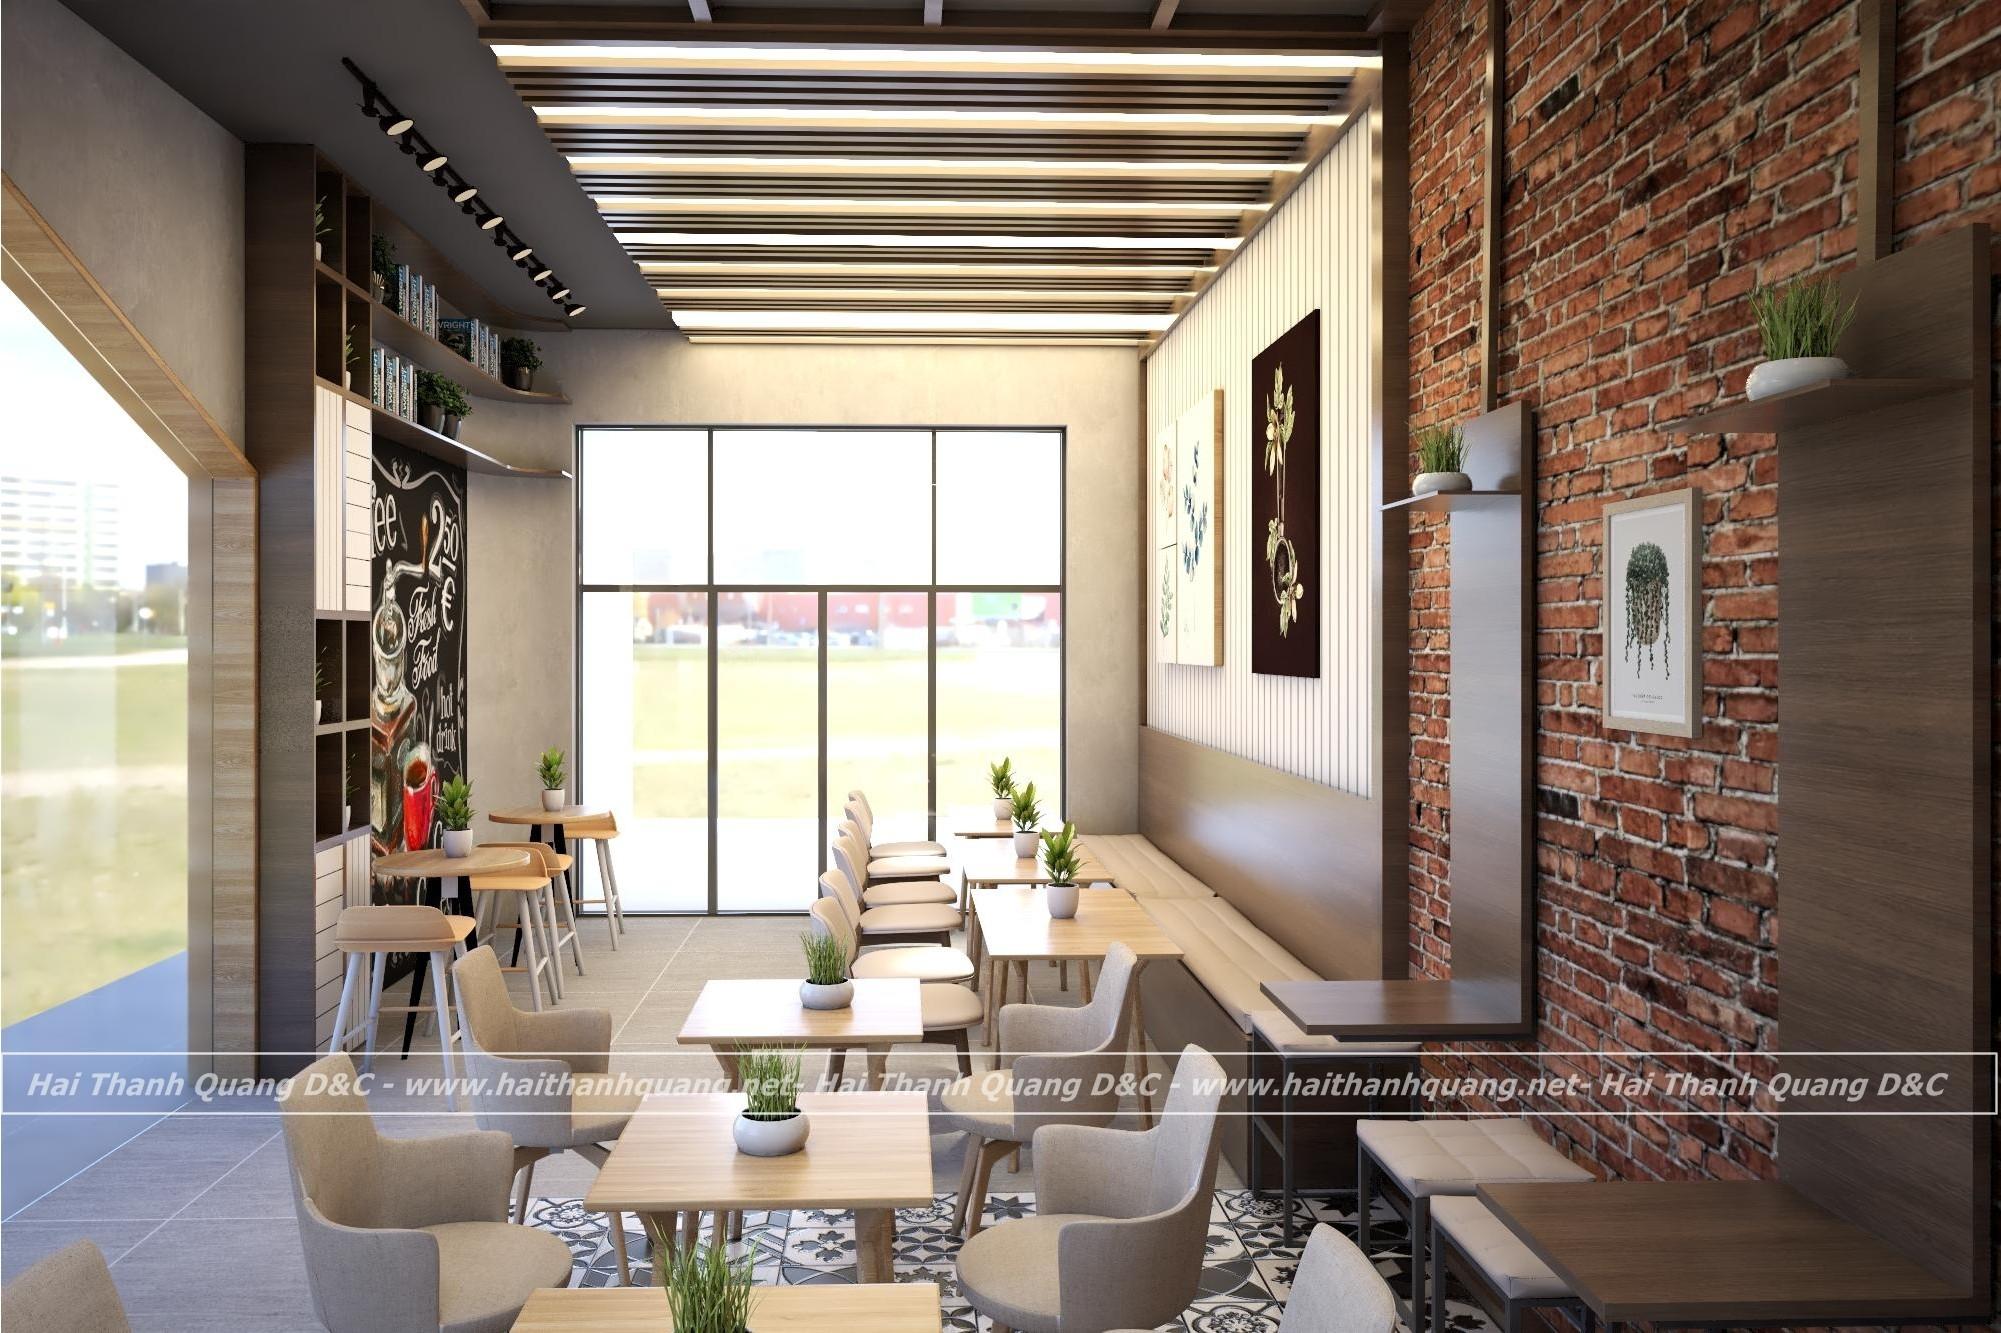 BÁN BÀN GHẾ CAFE Ở QUY NHƠN HTQ020